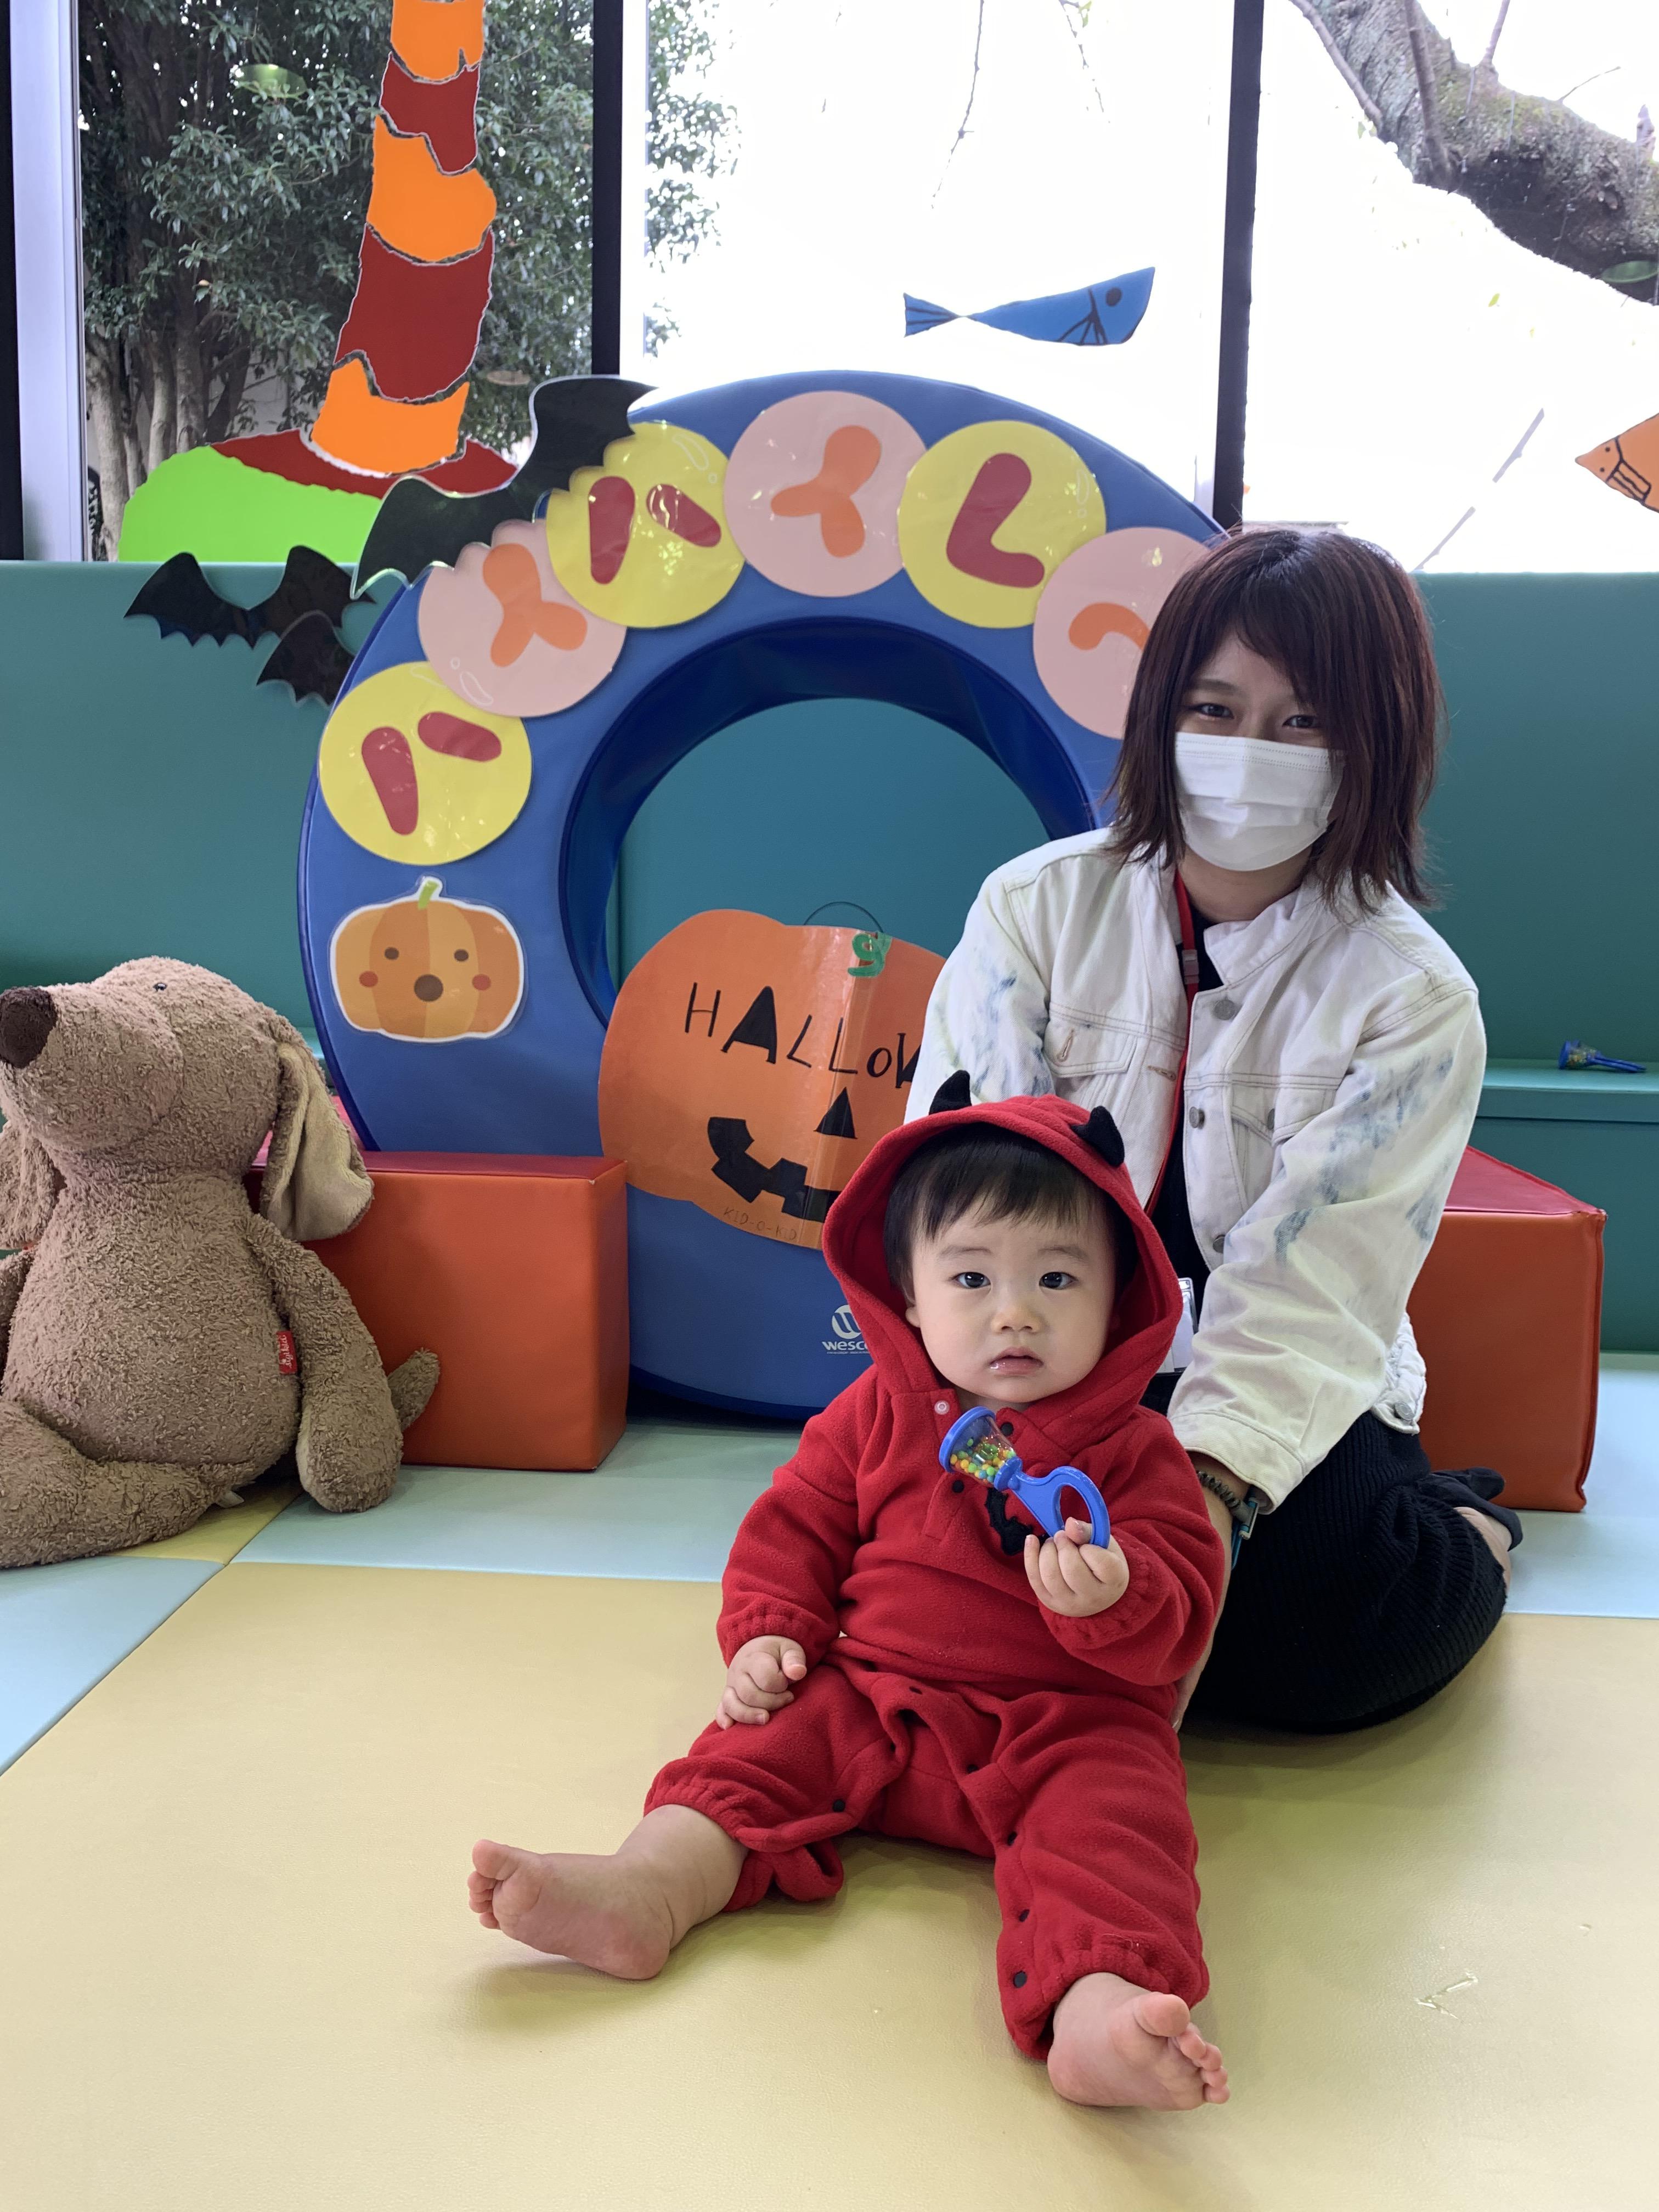 10/26㊋11時 仮装OK!赤ちゃんイベント『ハロウィンハイハイレース』